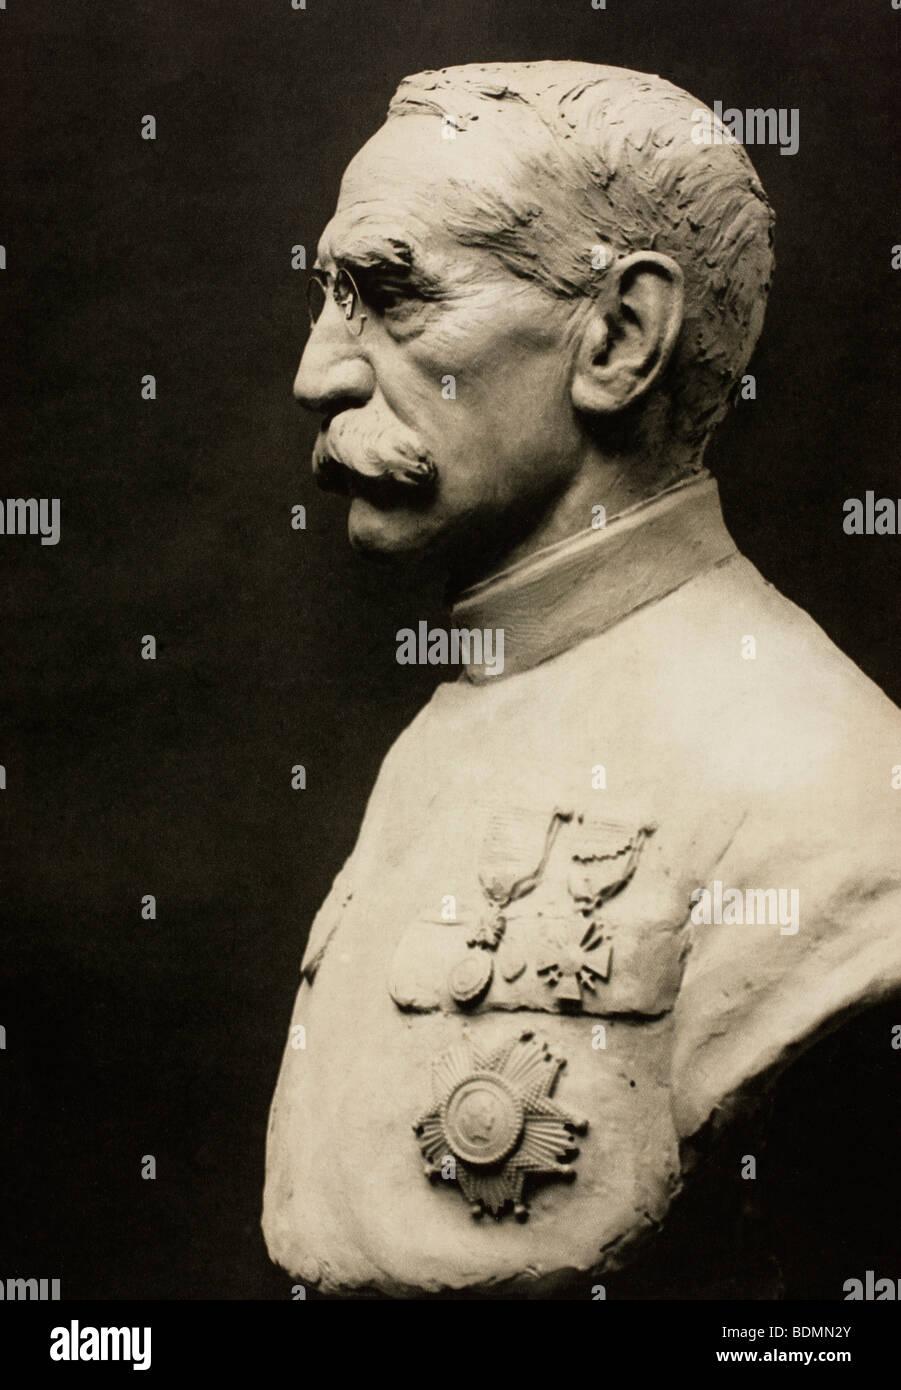 French General Joseph Simon Gallieni 1849 to 1916. - Stock Image